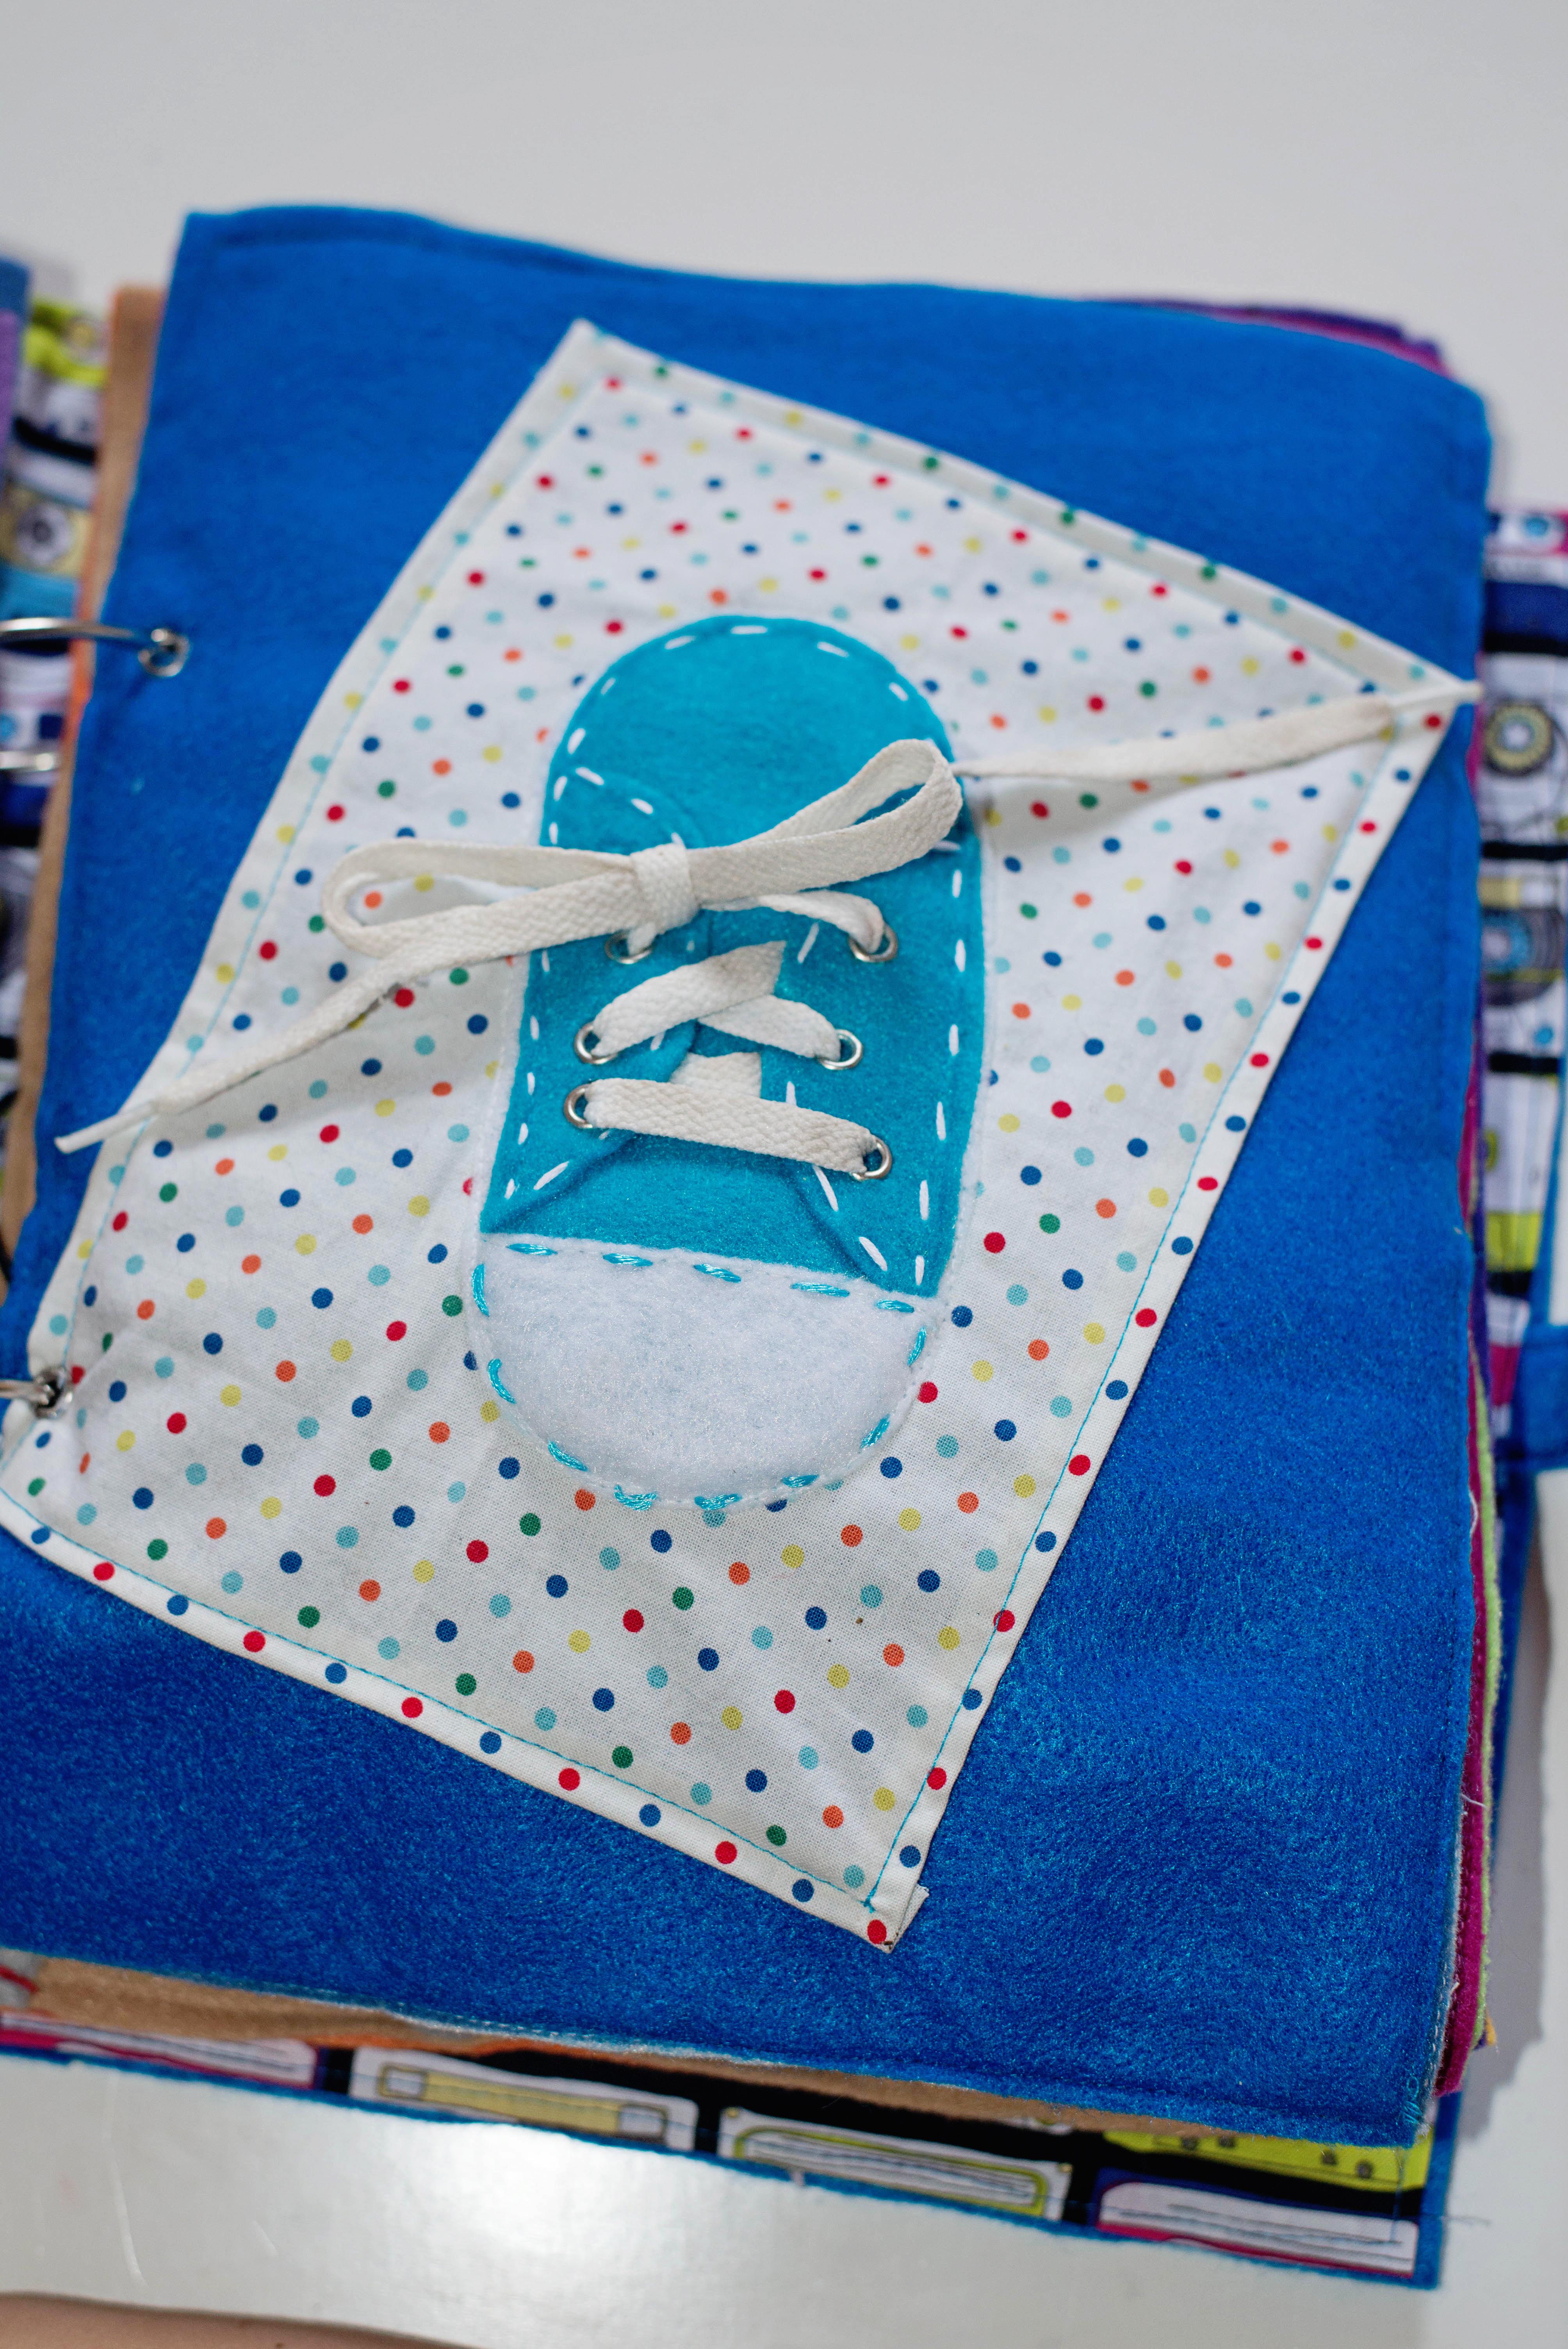 Babes in Deutschland, shoe tying quiet book page